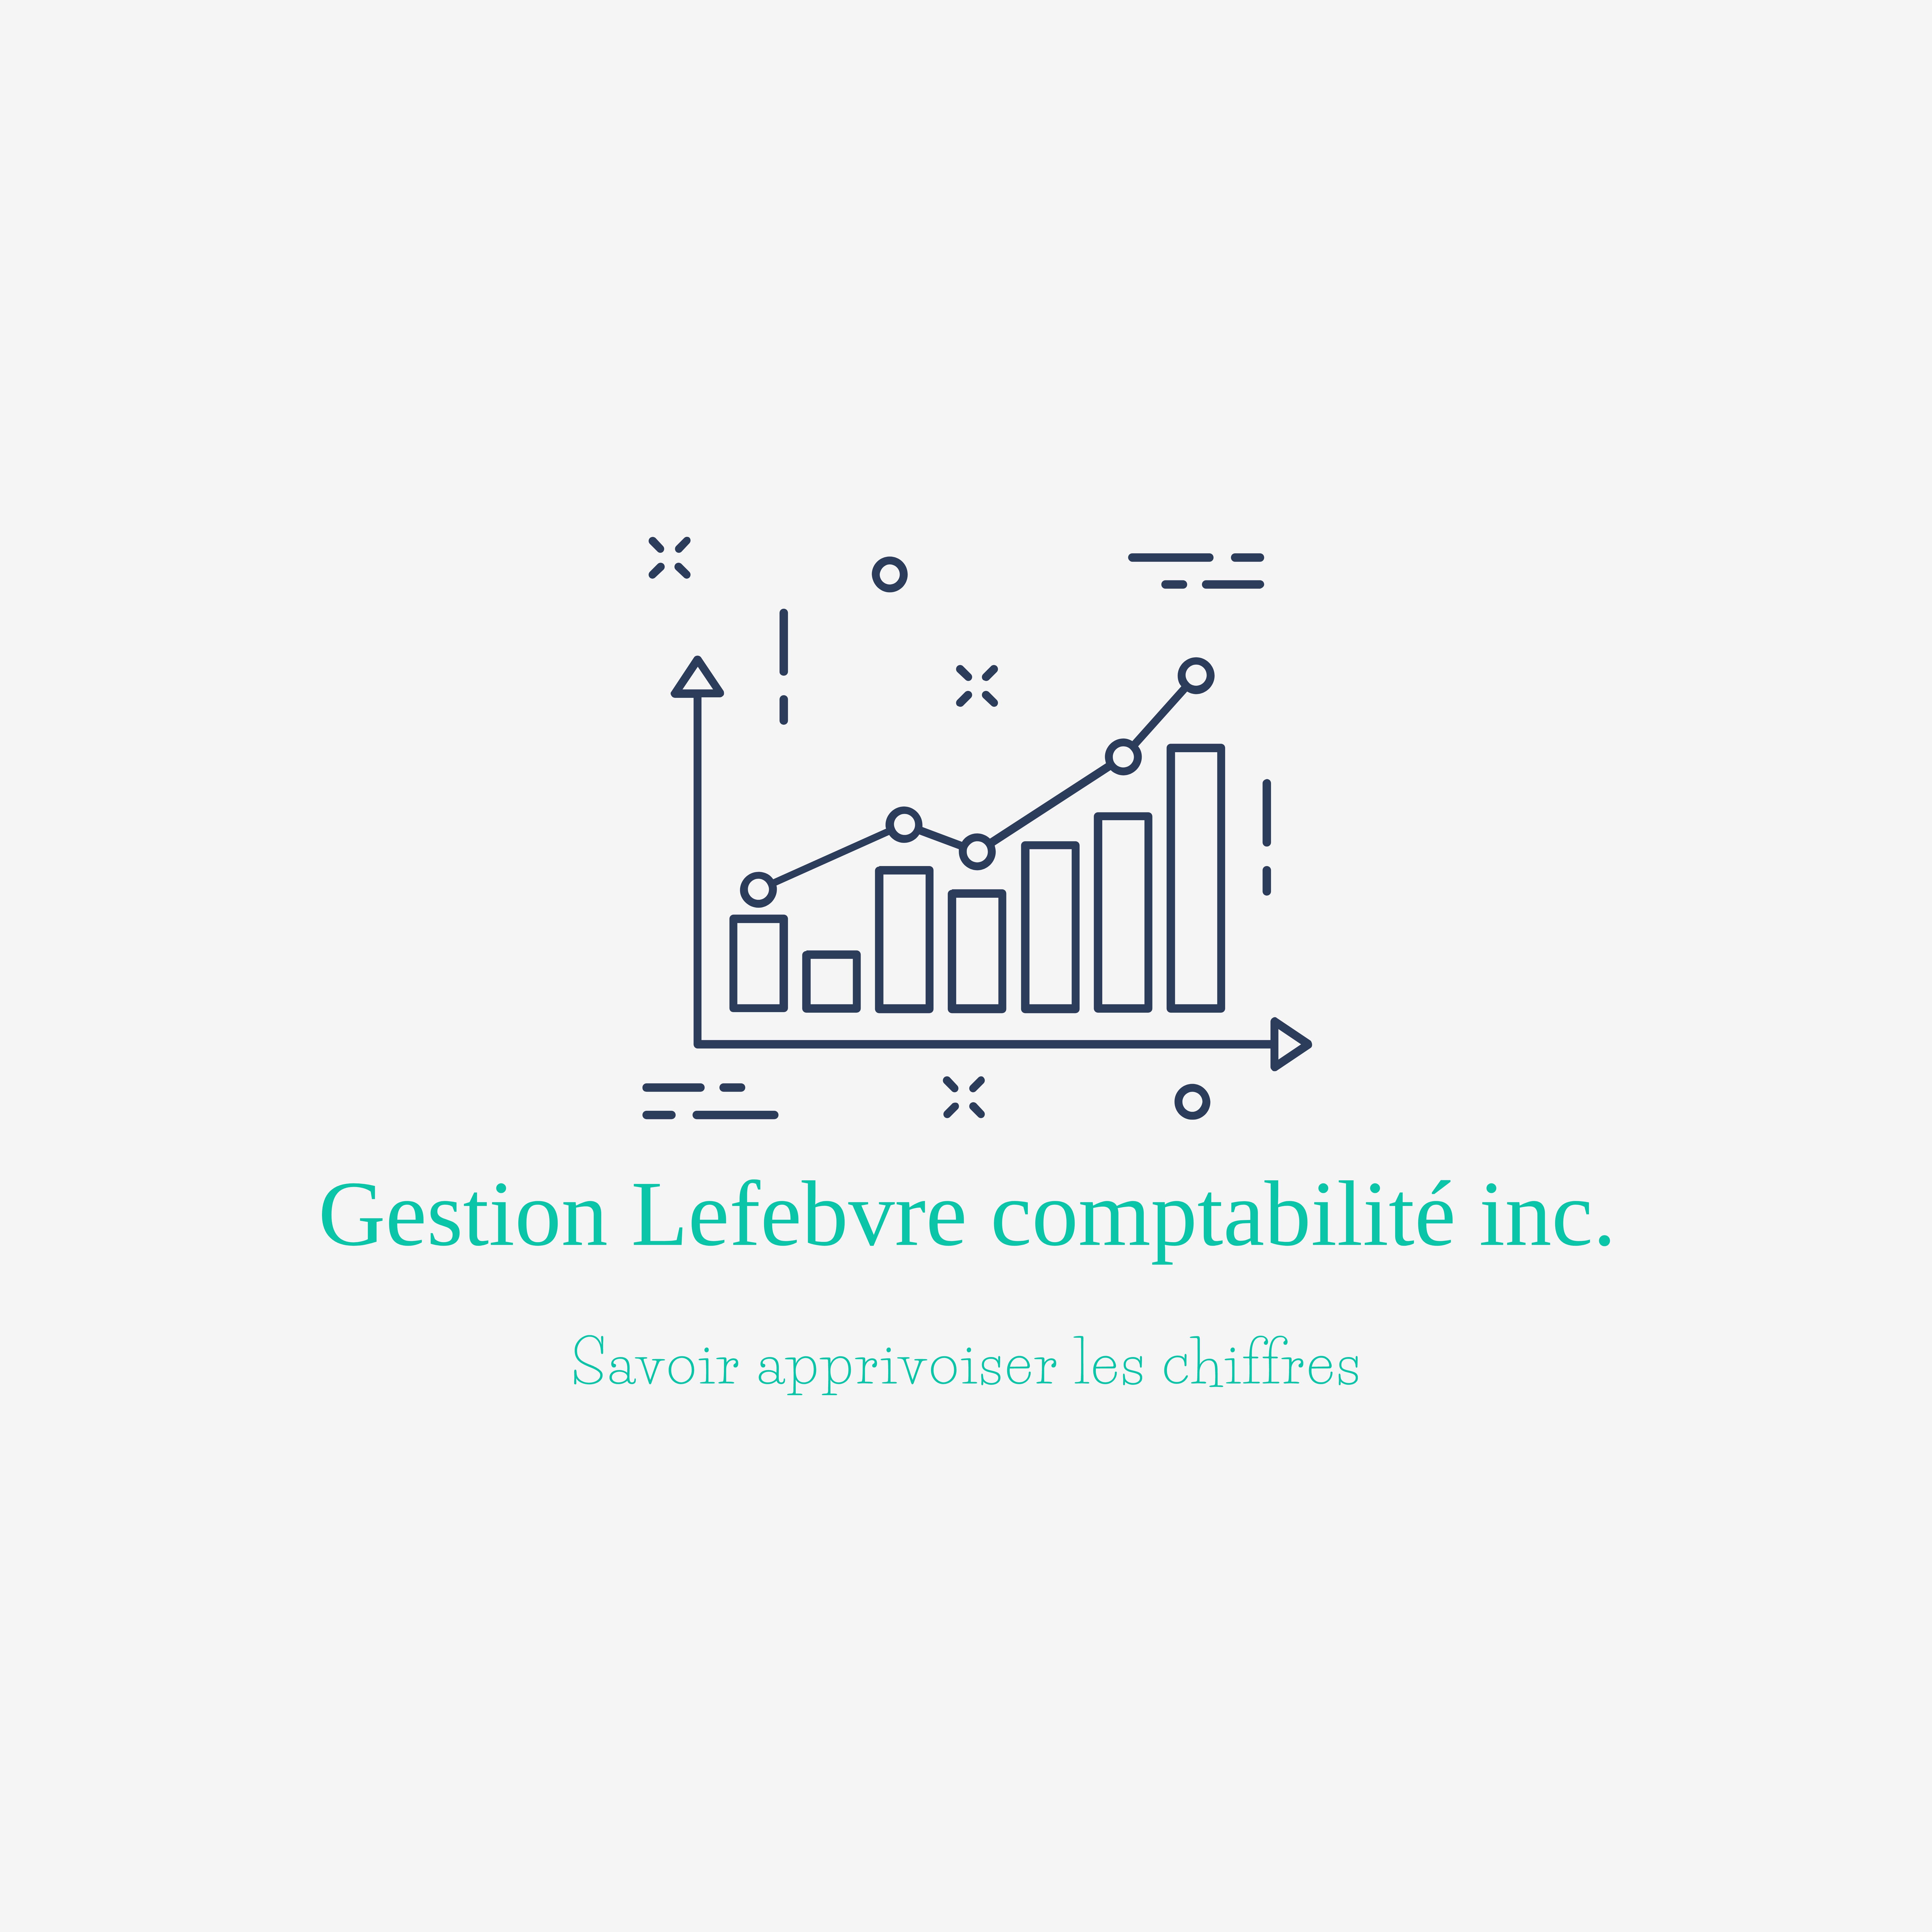 Gestion Lefebvre comptabilité inc.